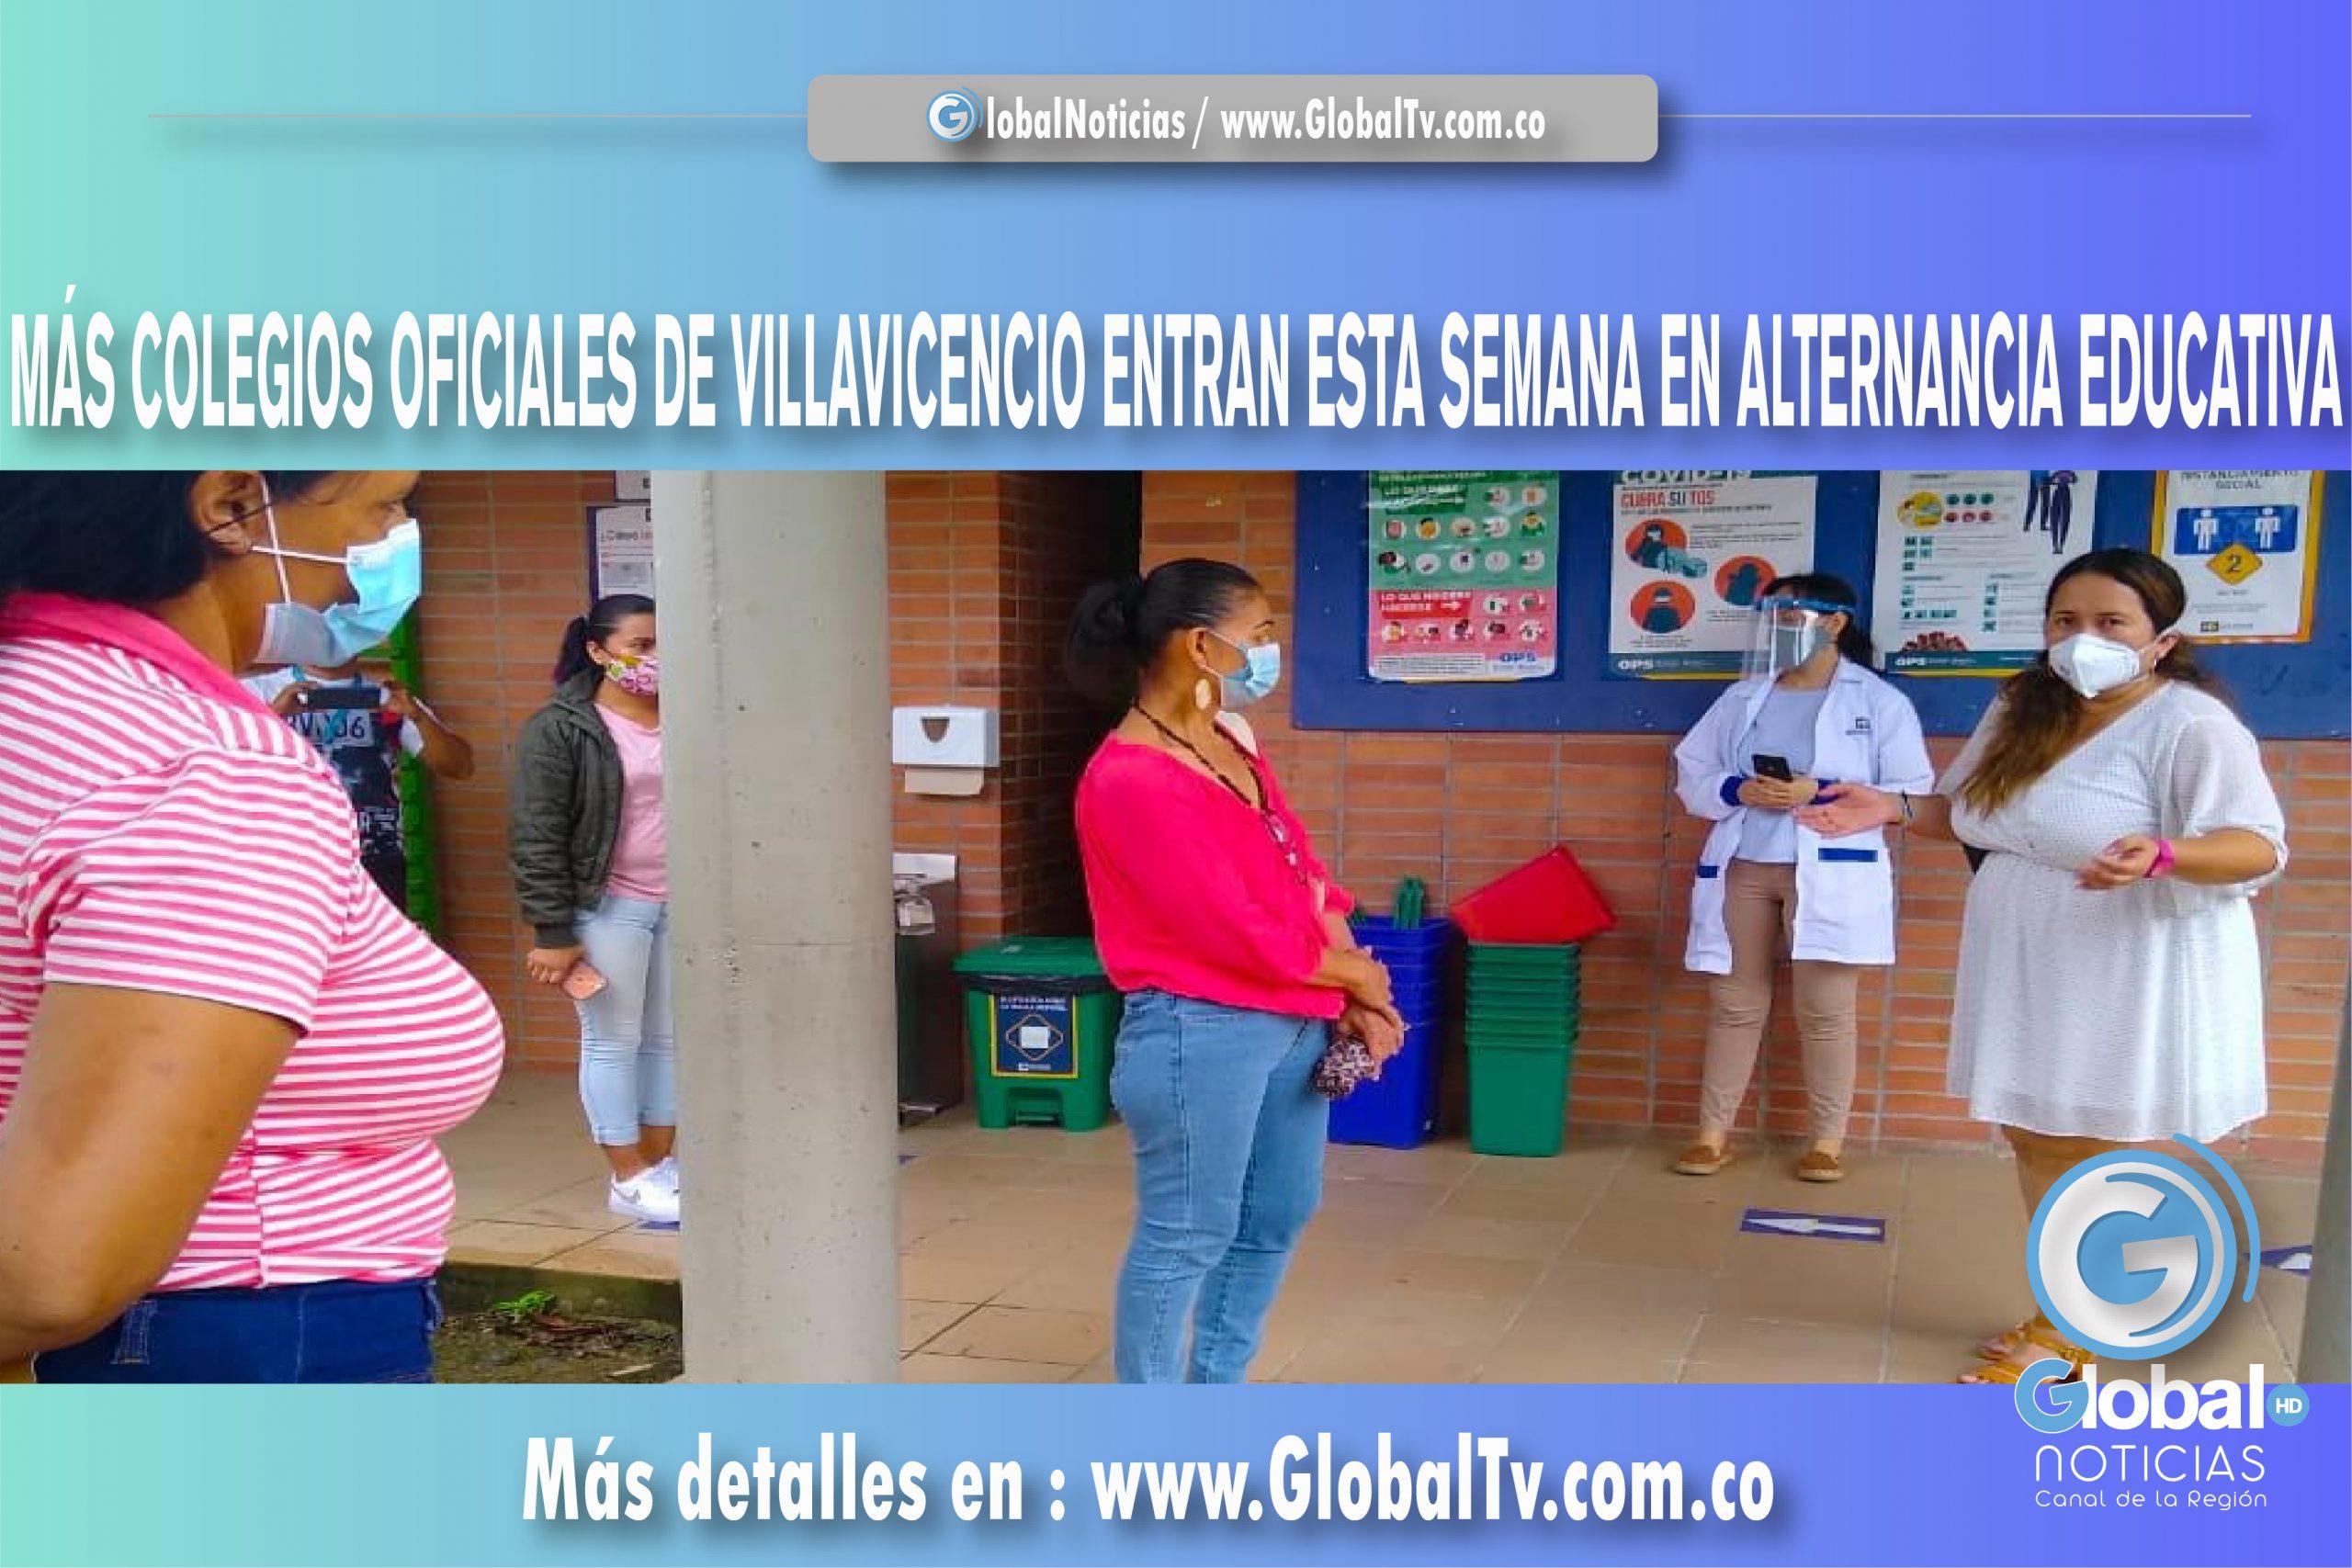 MÁS COLEGIOS OFICIALES DE VILLAVICENCIO ENTRAN ESTA SEMANA EN ALTERNANCIA EDUCATIVA